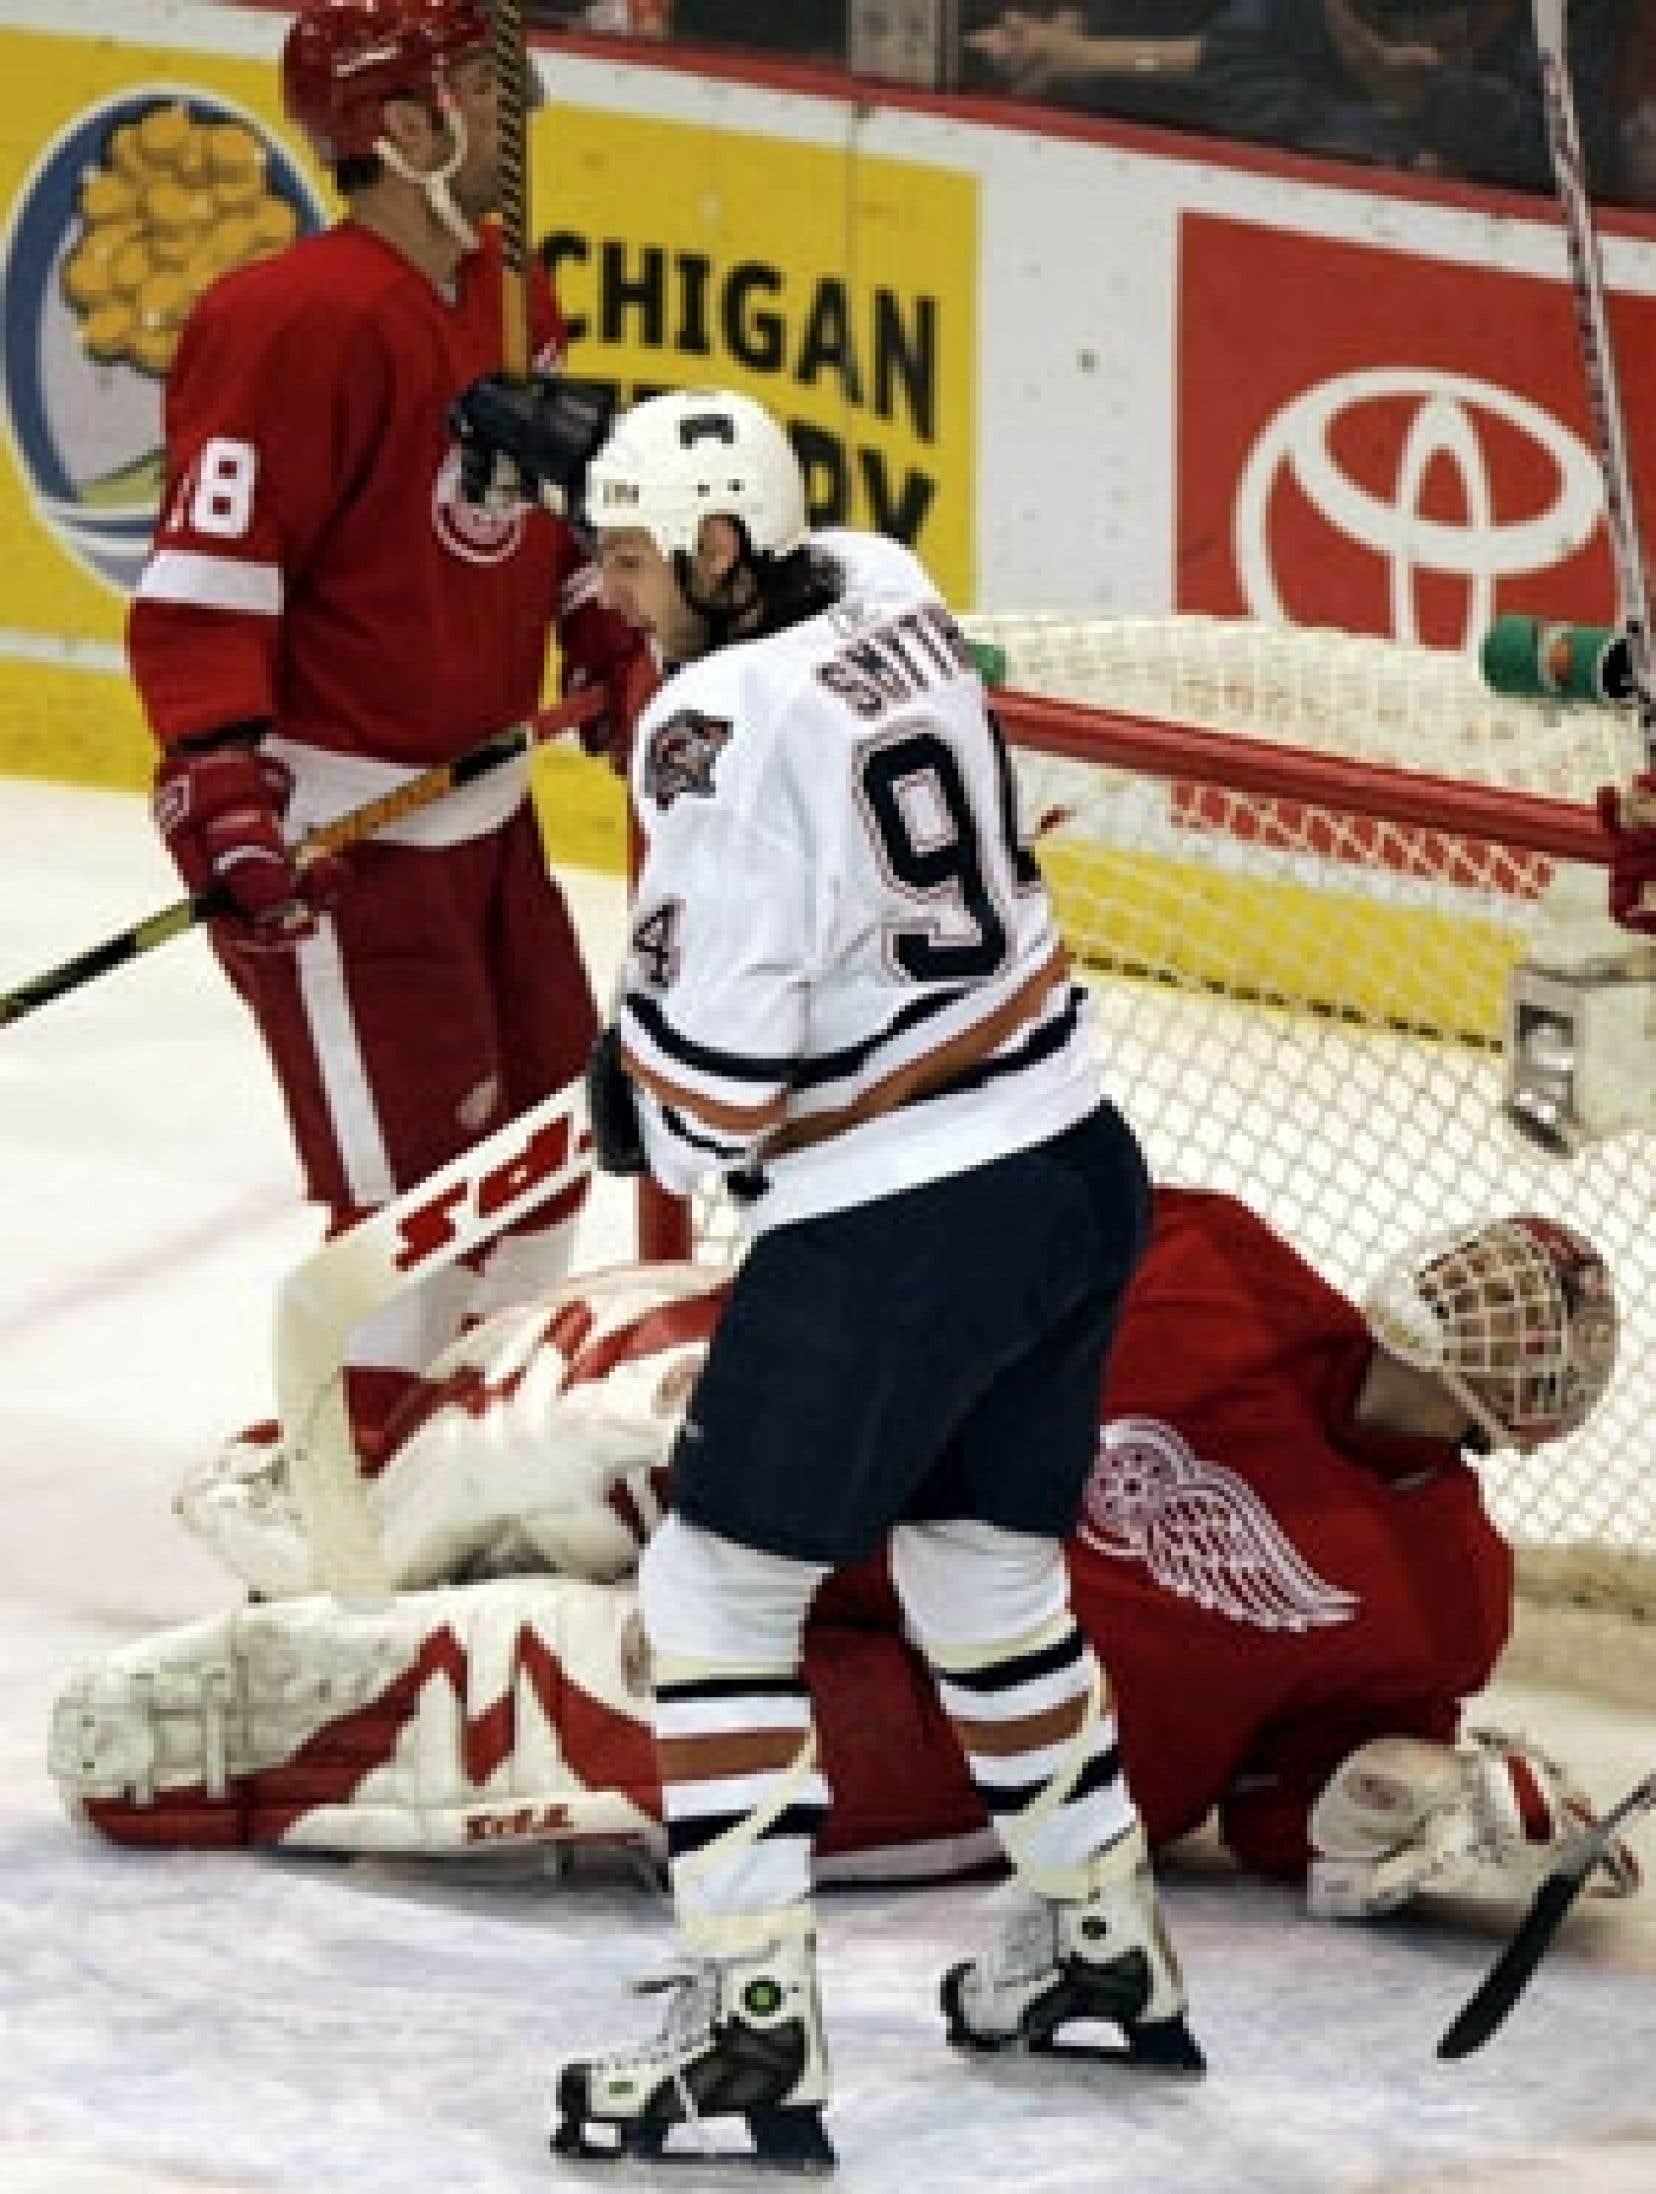 Ryan Smyth était considéré comme le coeur et l'âme des Oilers d'Edmonton. Échangé hier, le hockeyeur portera désormais l'uniforme des Islanders de New York.